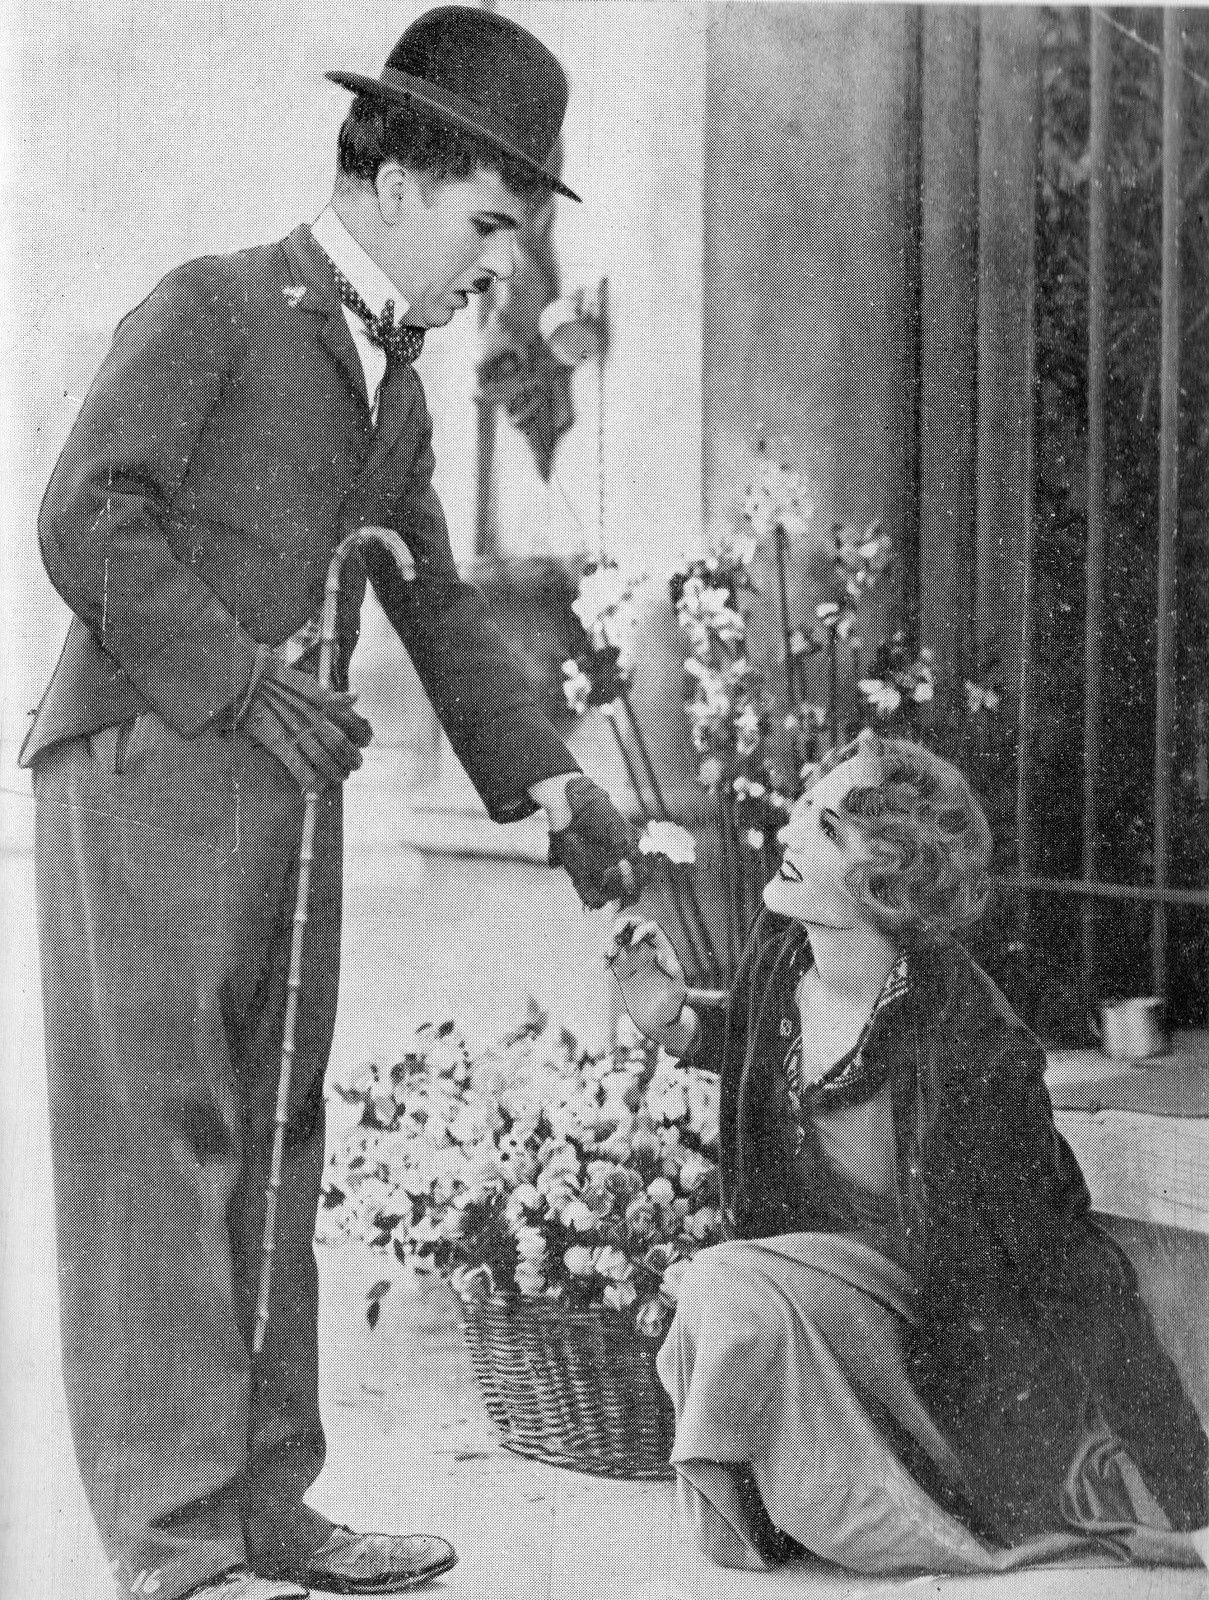 Charles Chaplin et Virginia Cherril dans le film intitulé Les Lumières de la ville (1928-30). Photo reproduite dans l'ouvrage consacré à Charles Chaplin par Pierre Leprohon (Les nouvelles éditions Debresse, 1957), p. 145.